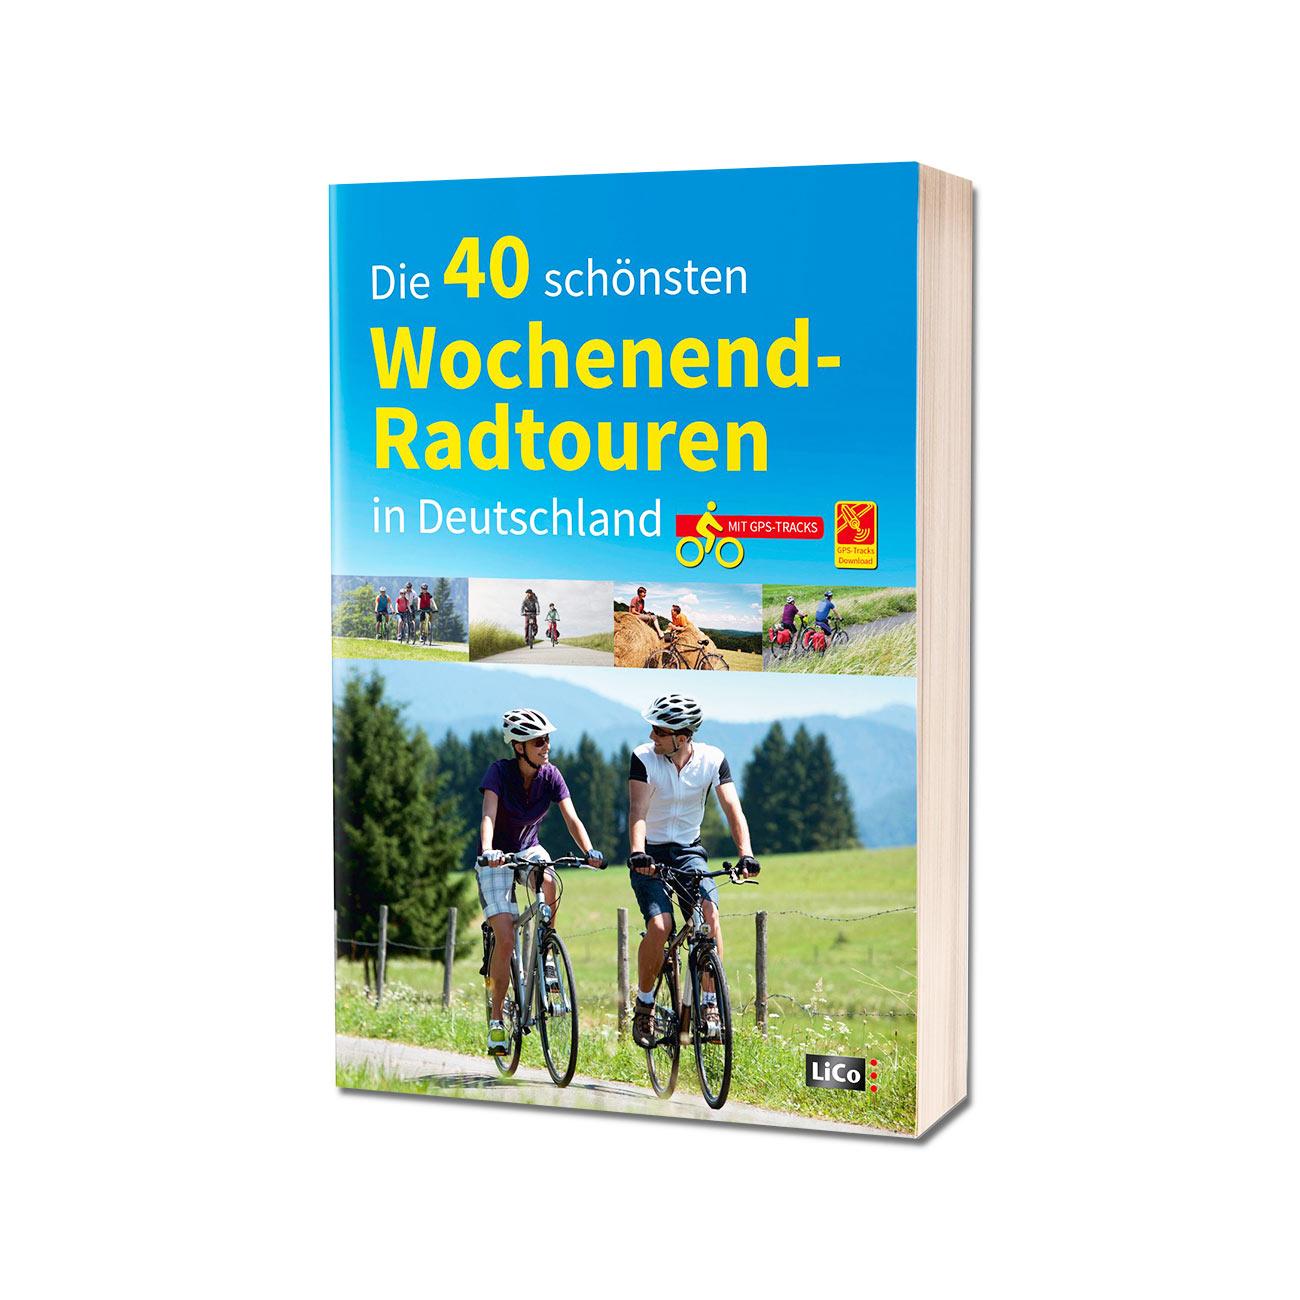 Die 40 schönsten Wochenend-Radtouren